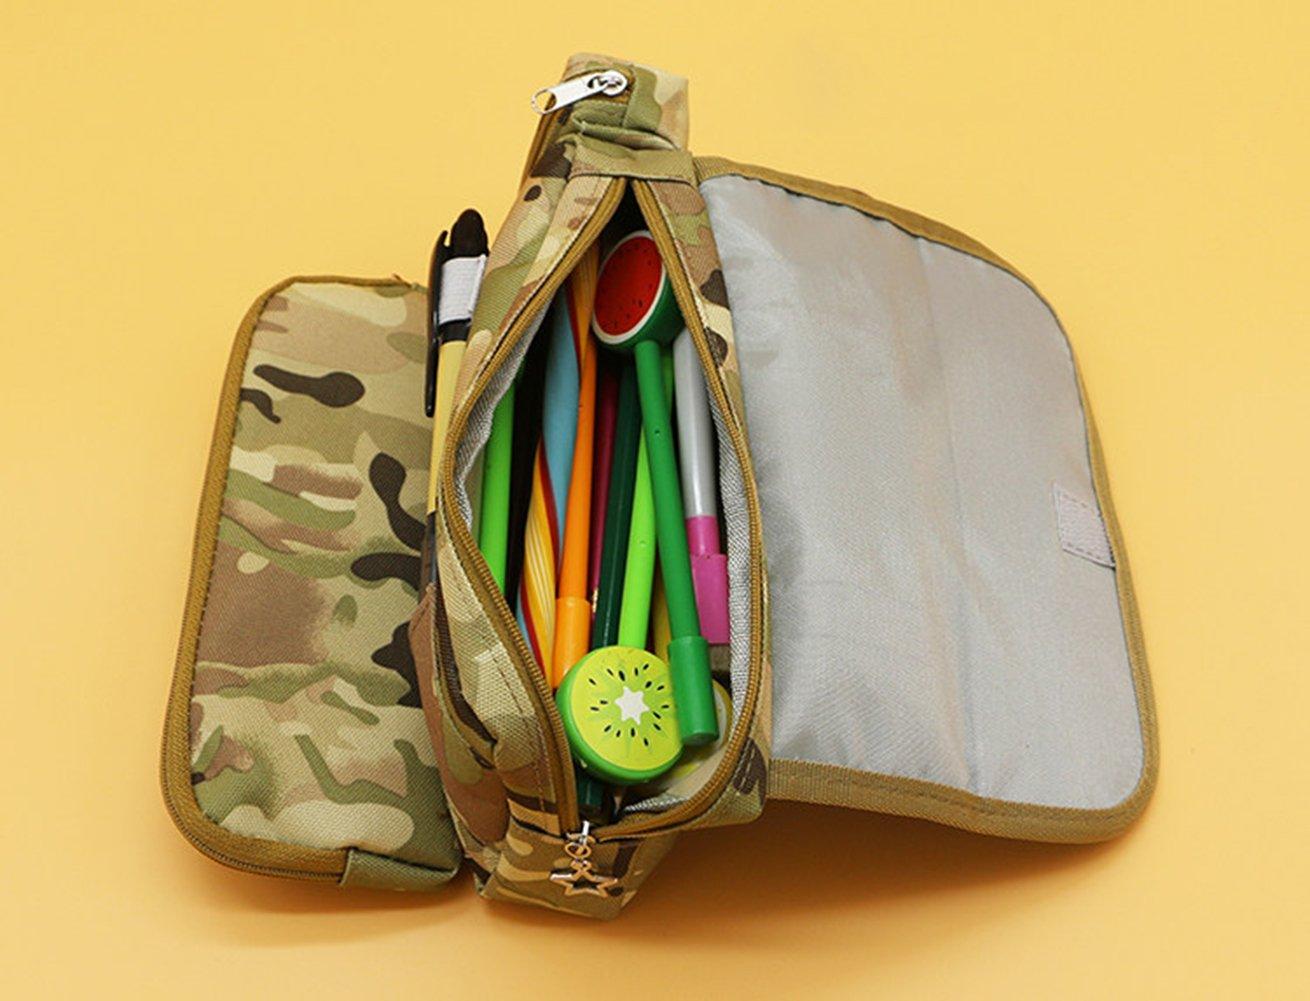 Moolecole Grand Capacit/é Fermeture /éclair Crayon Bo/îte Papeterie Provisions Pour Gar/çons Filles /Étudiant Gros Capacit/é Cr/éatif Camouflage Crayon Cas